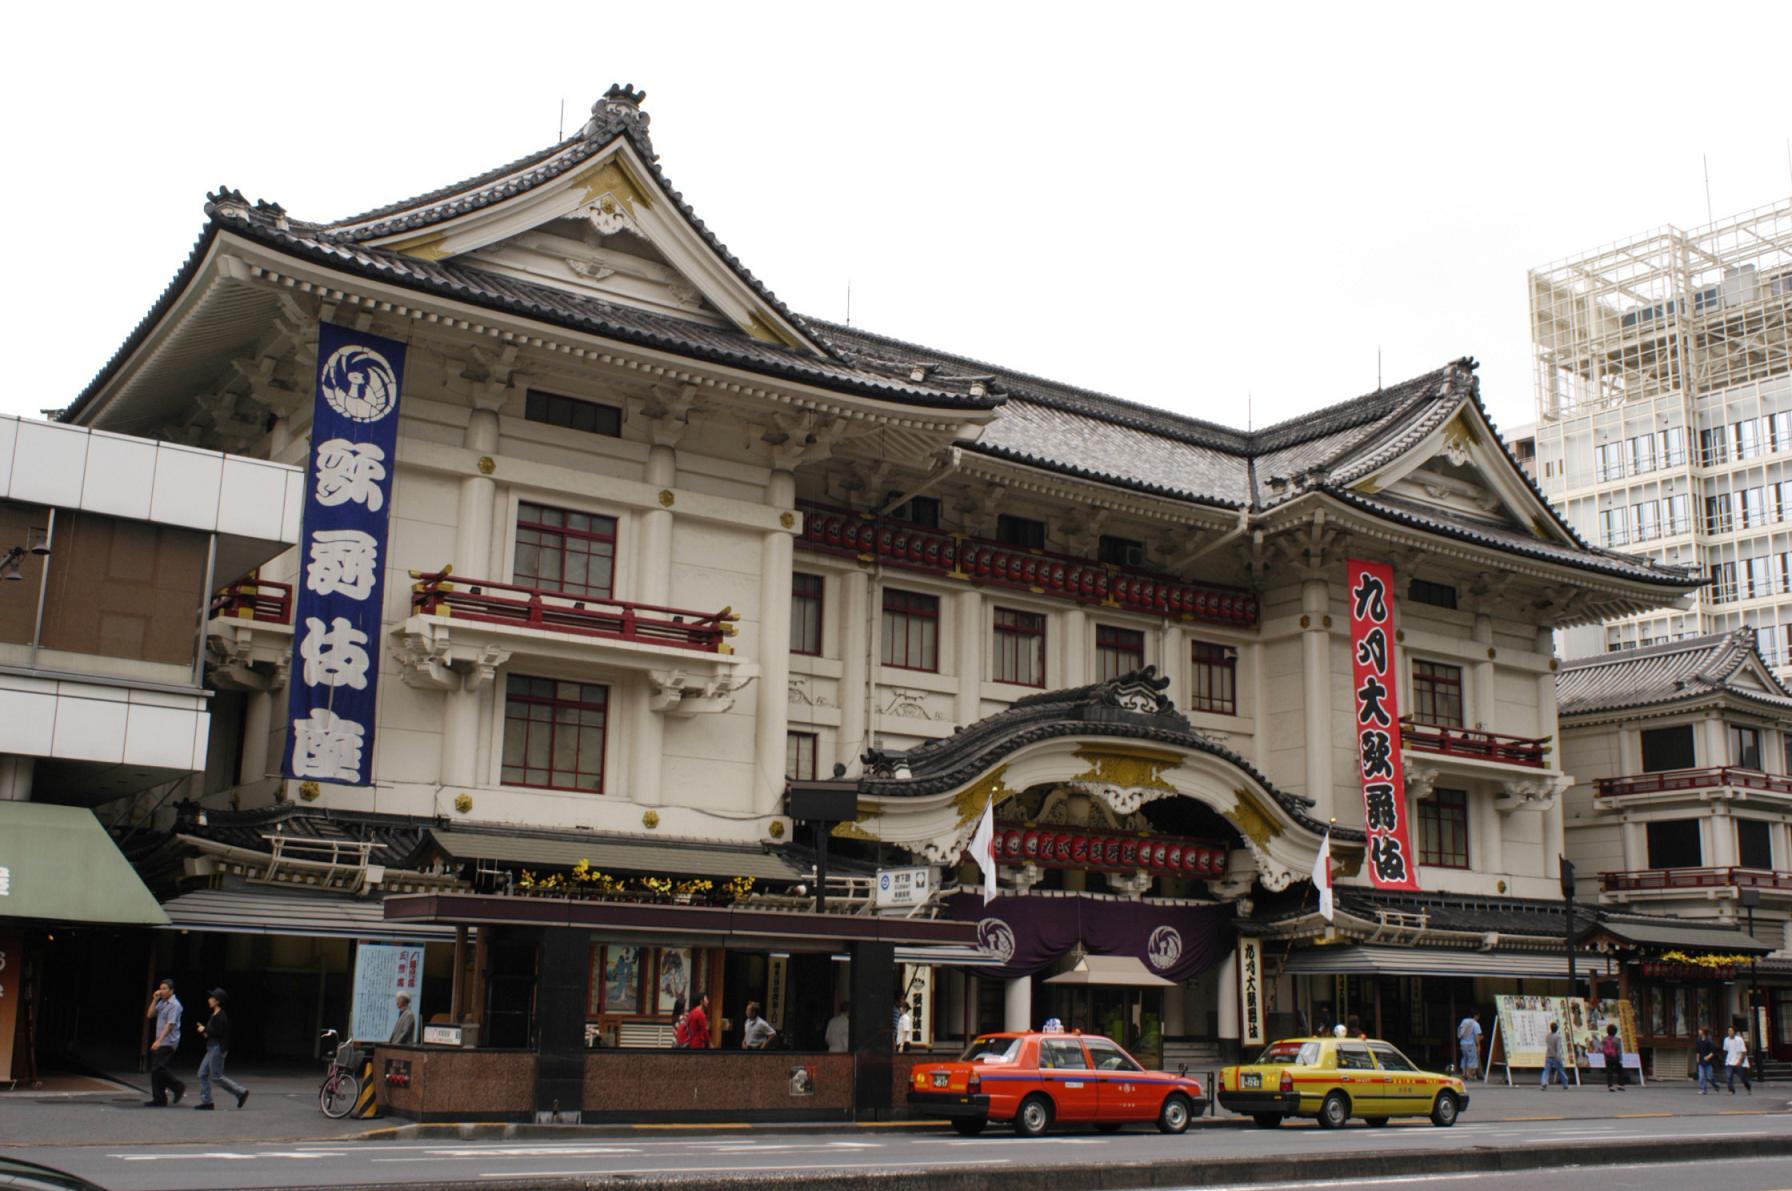 japon tradicional (con hiroshima) (desde abril 2020)